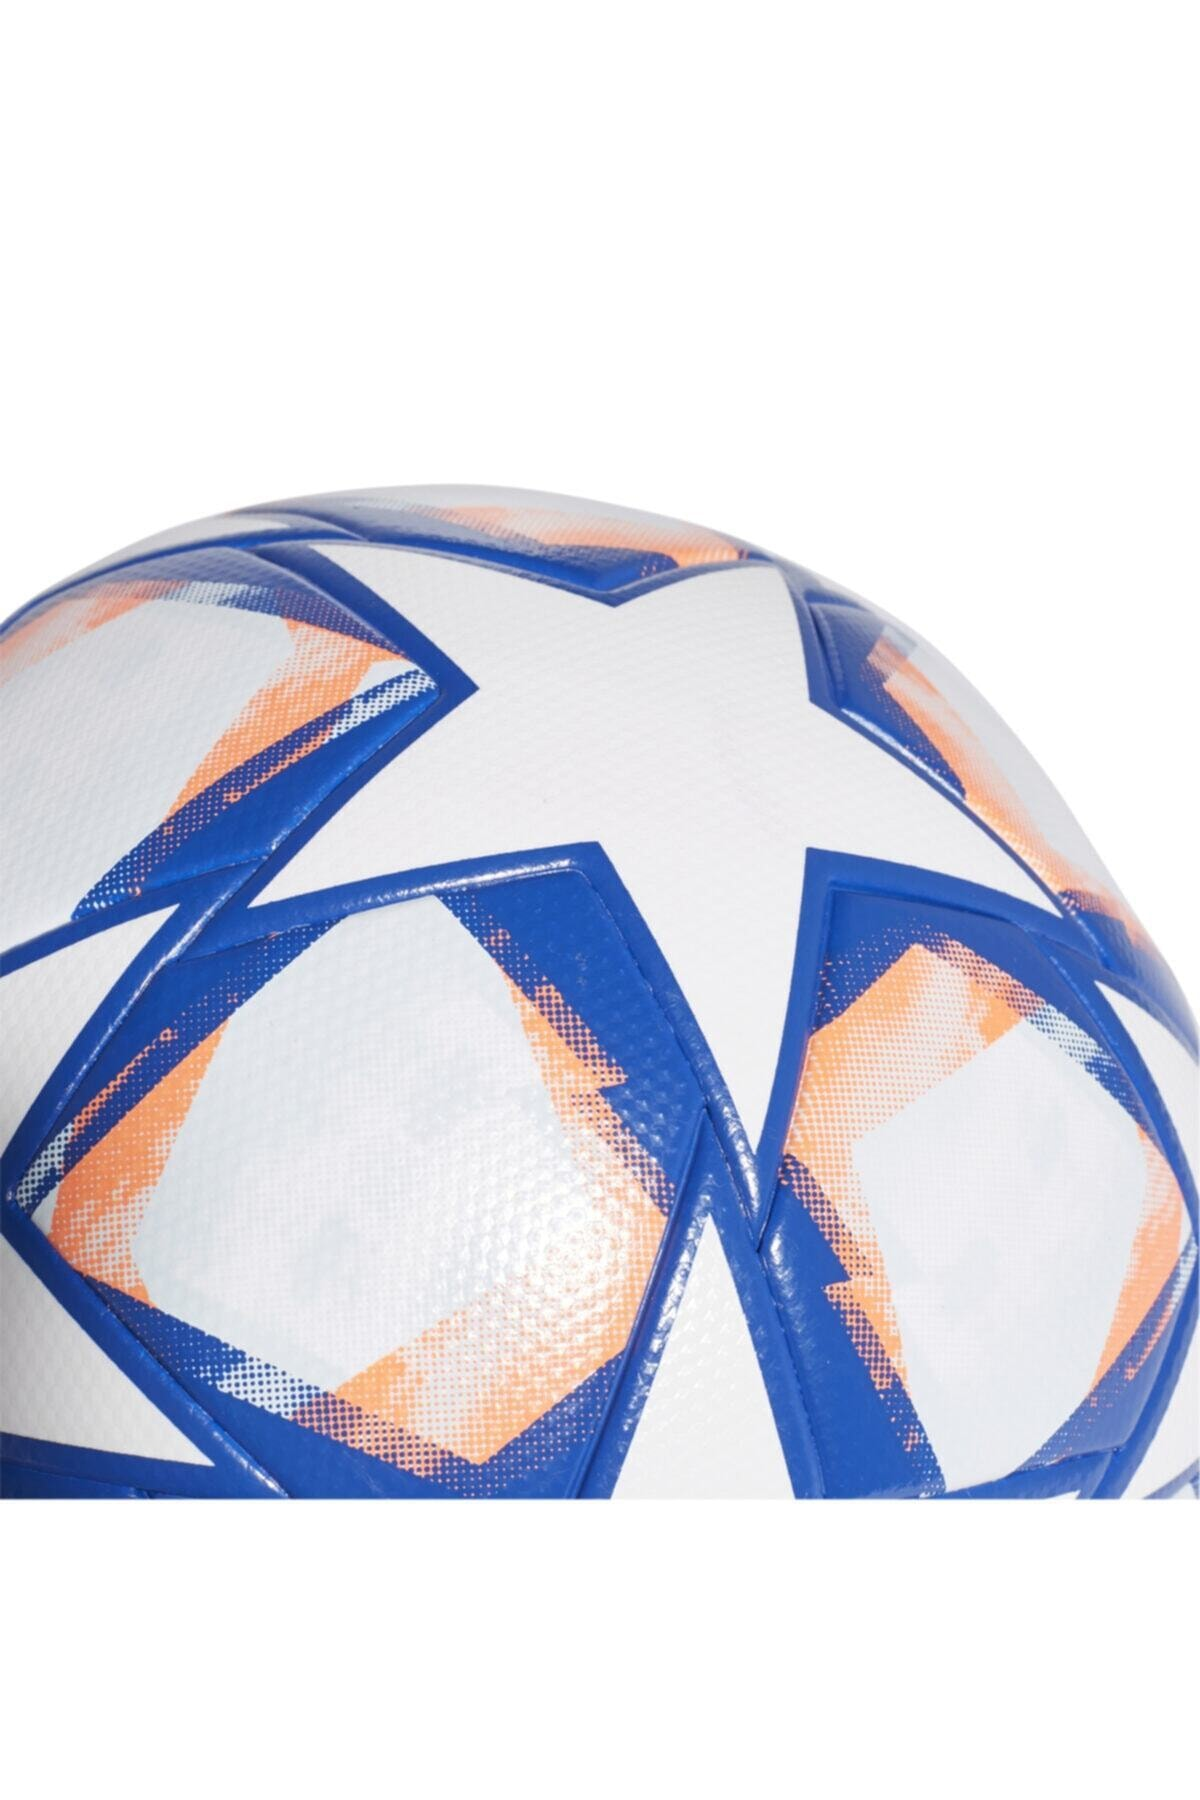 adidas Ucl Finale 20 League Top - Beyaz | 2